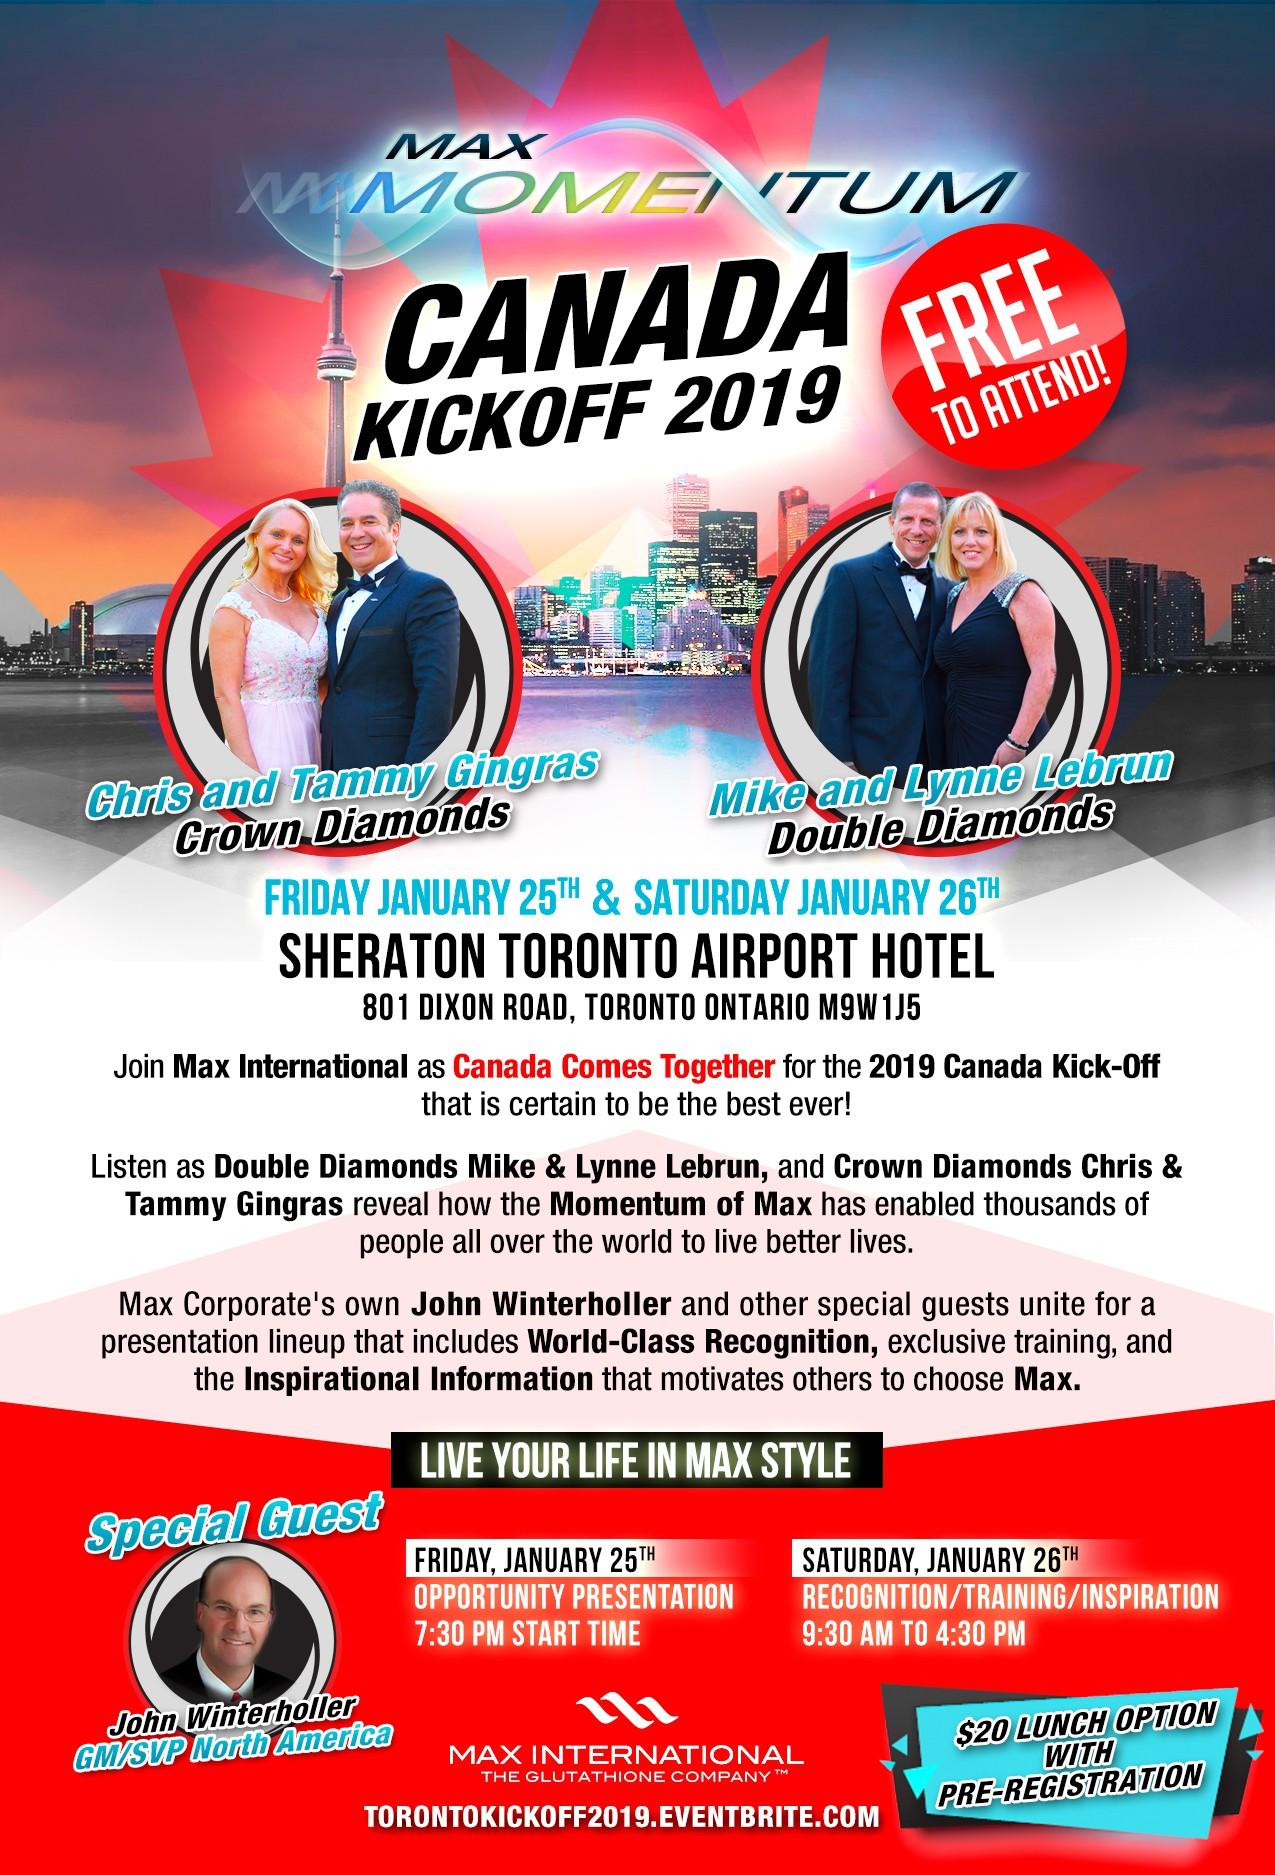 canadian kickoff 2019